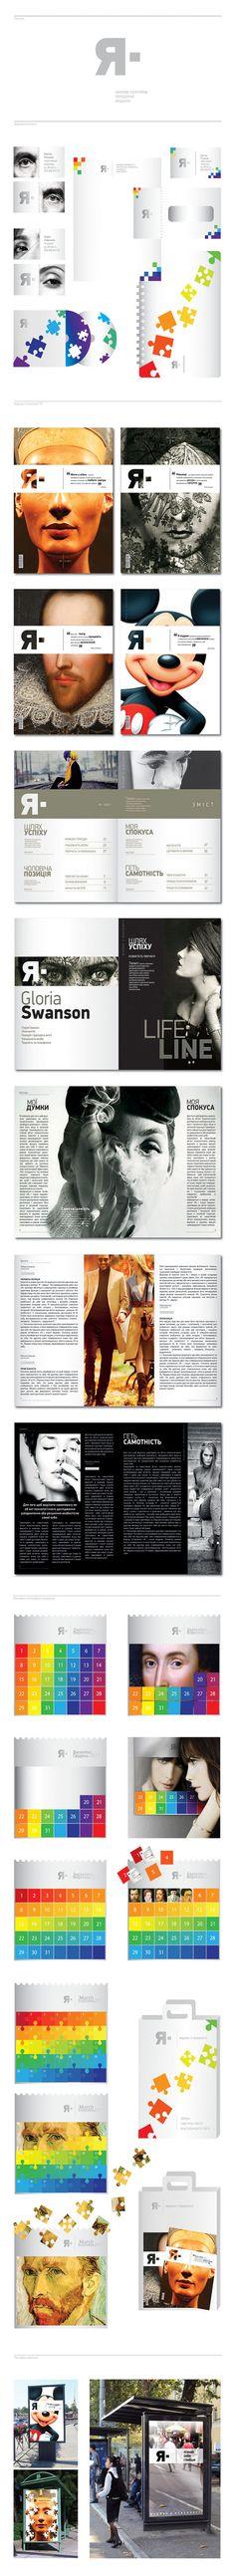 журнал по психологии by Ksenija , via Behance